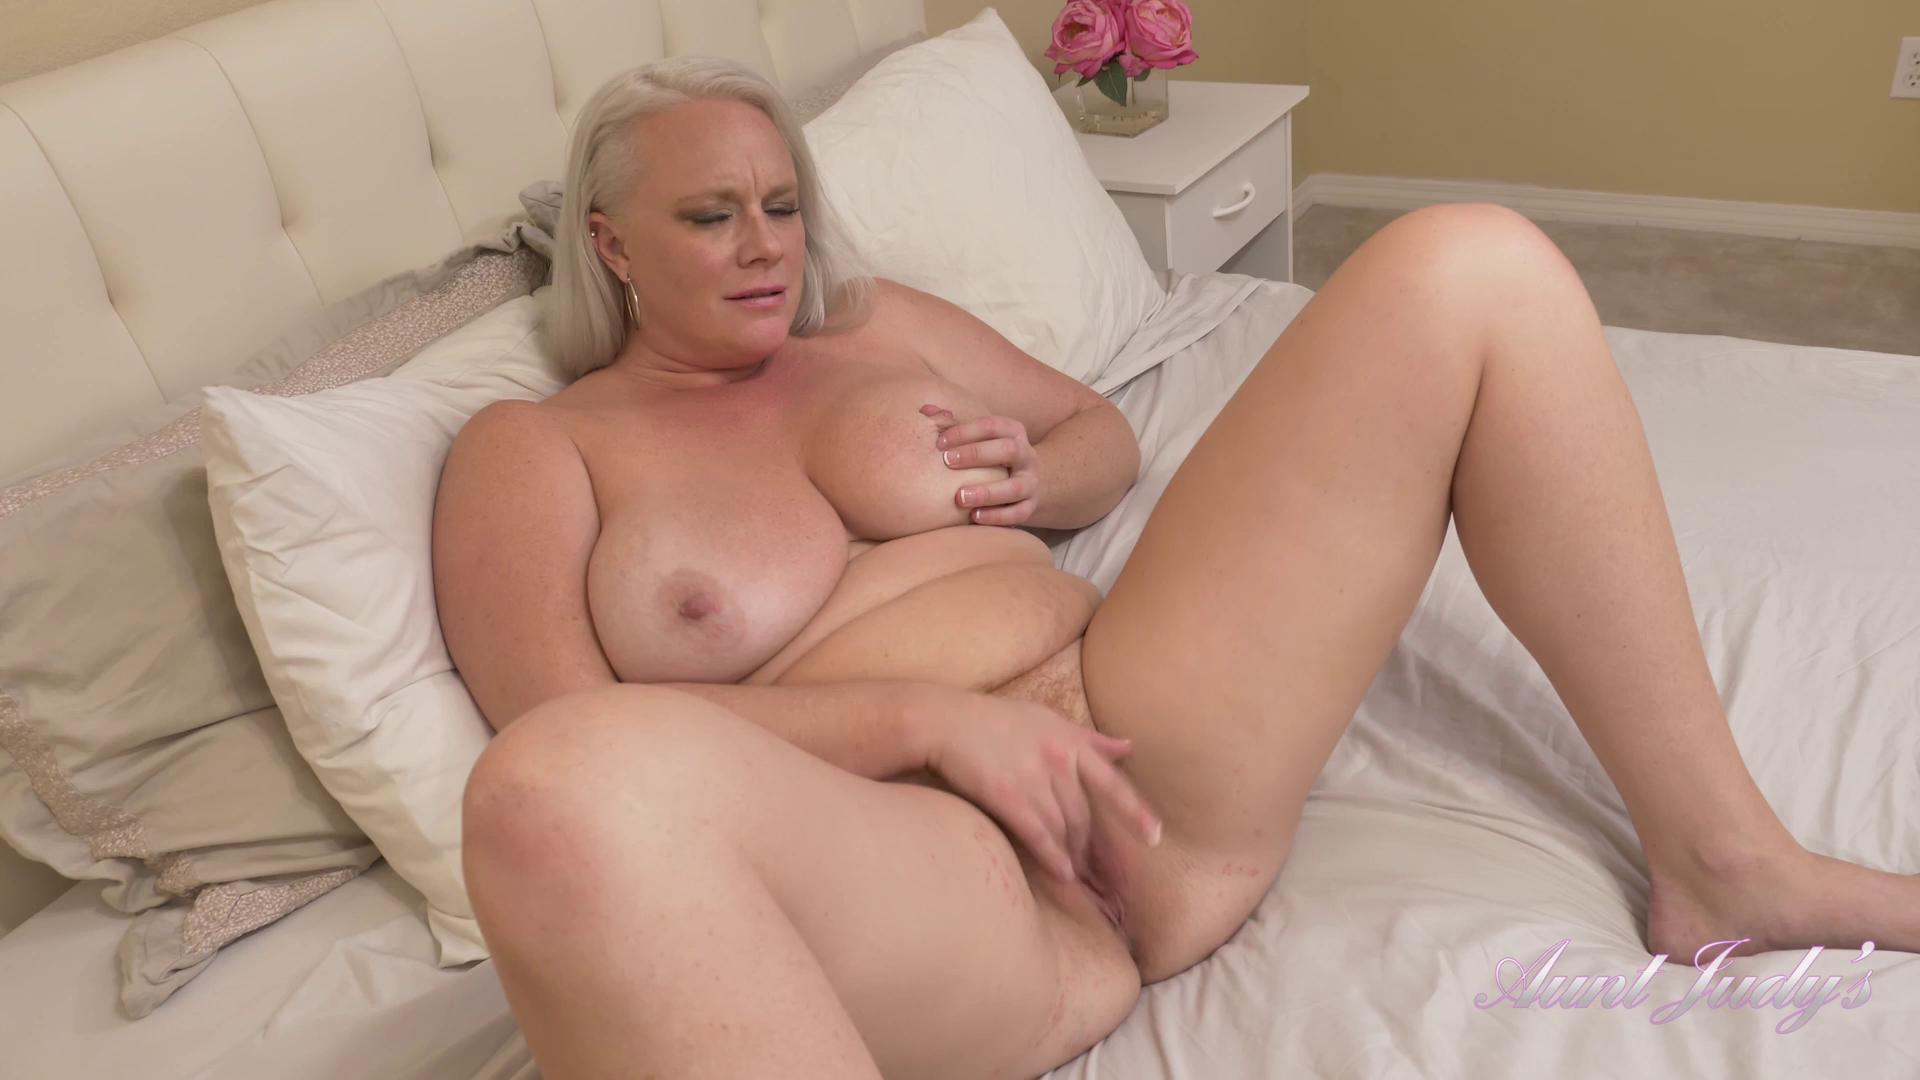 Aunt Judys Masturbation Hd